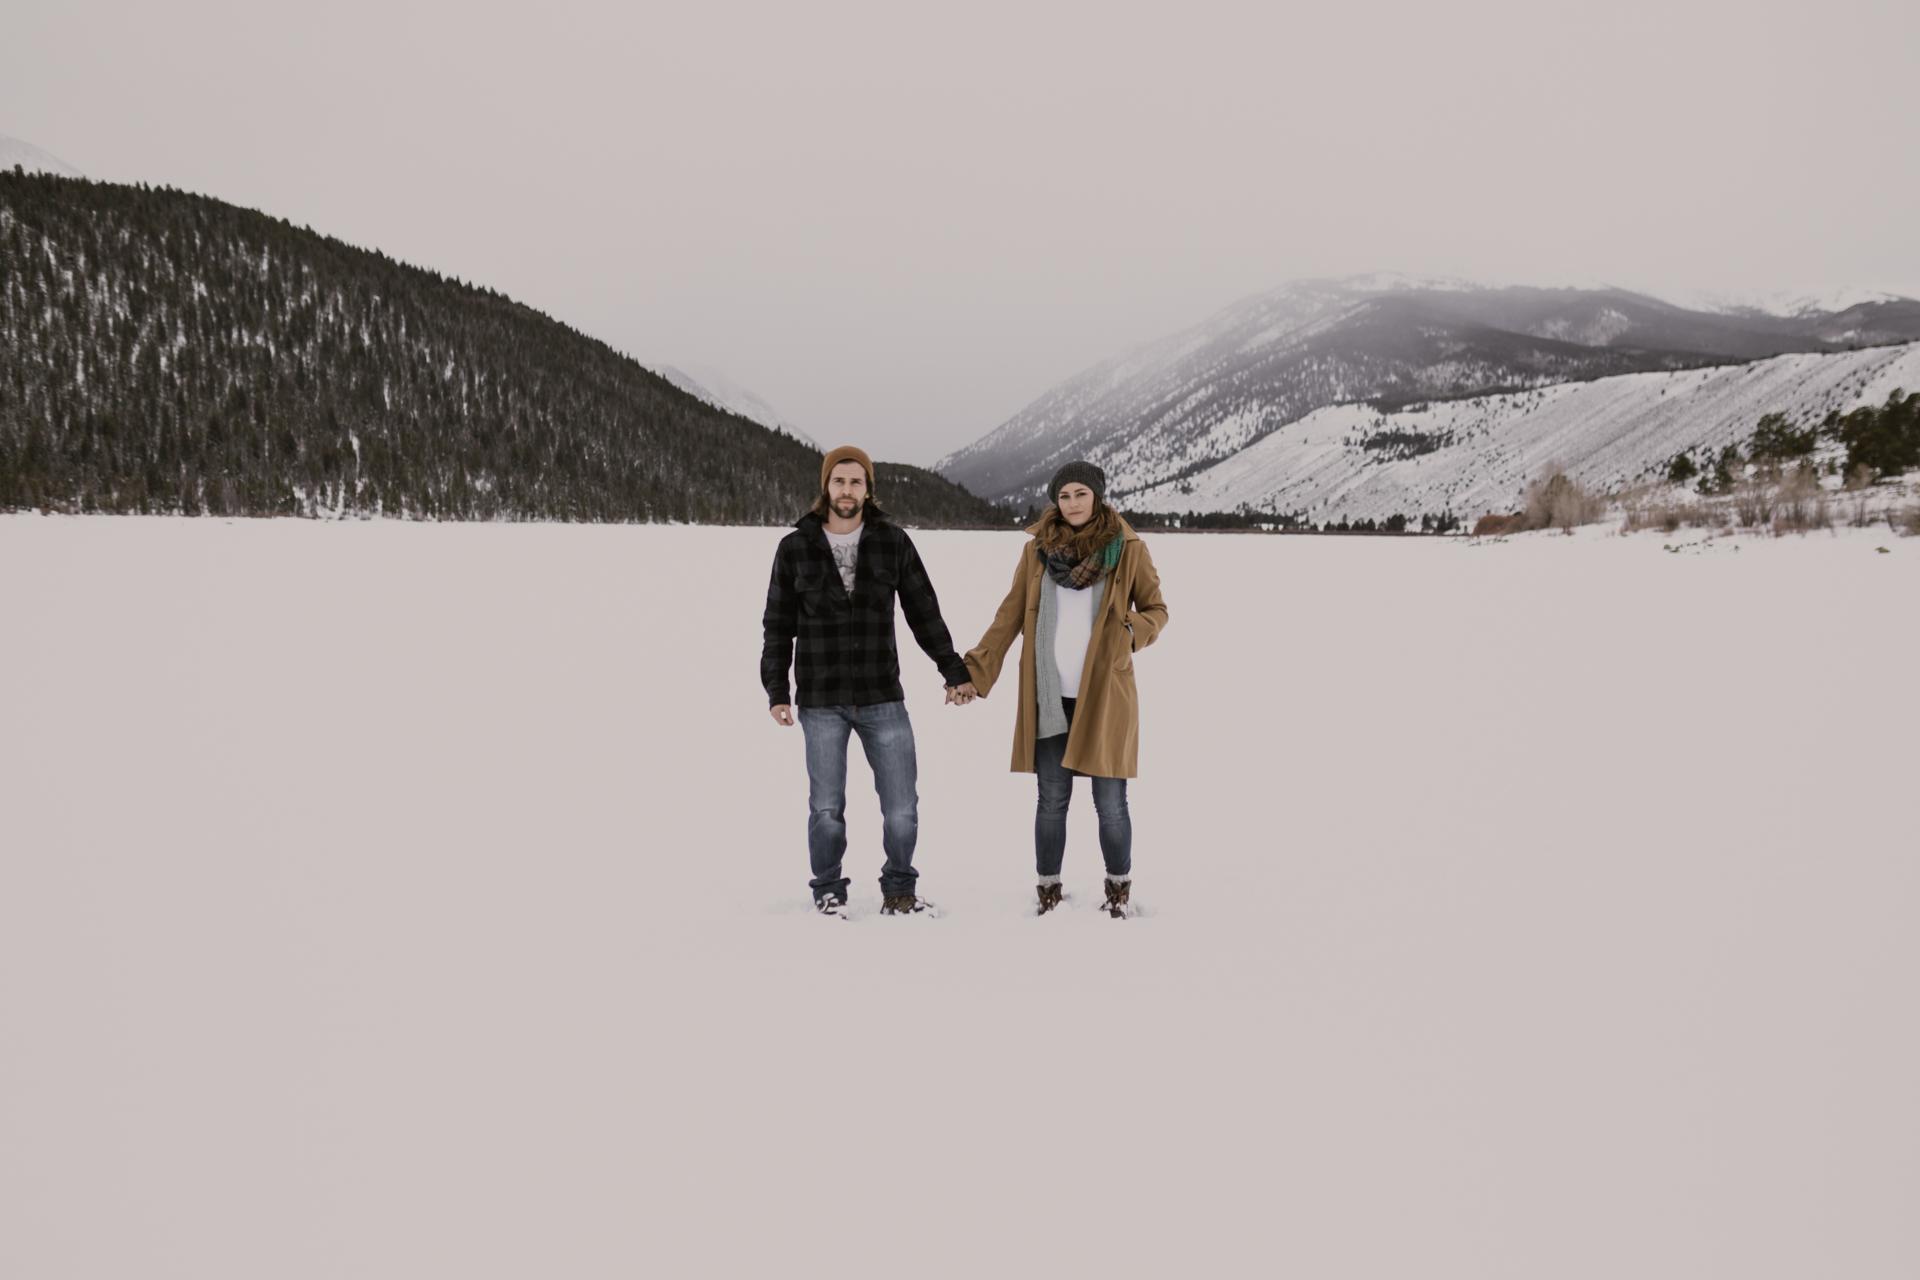 snowy-mountain-colorado-couples-shoot-2.jpg